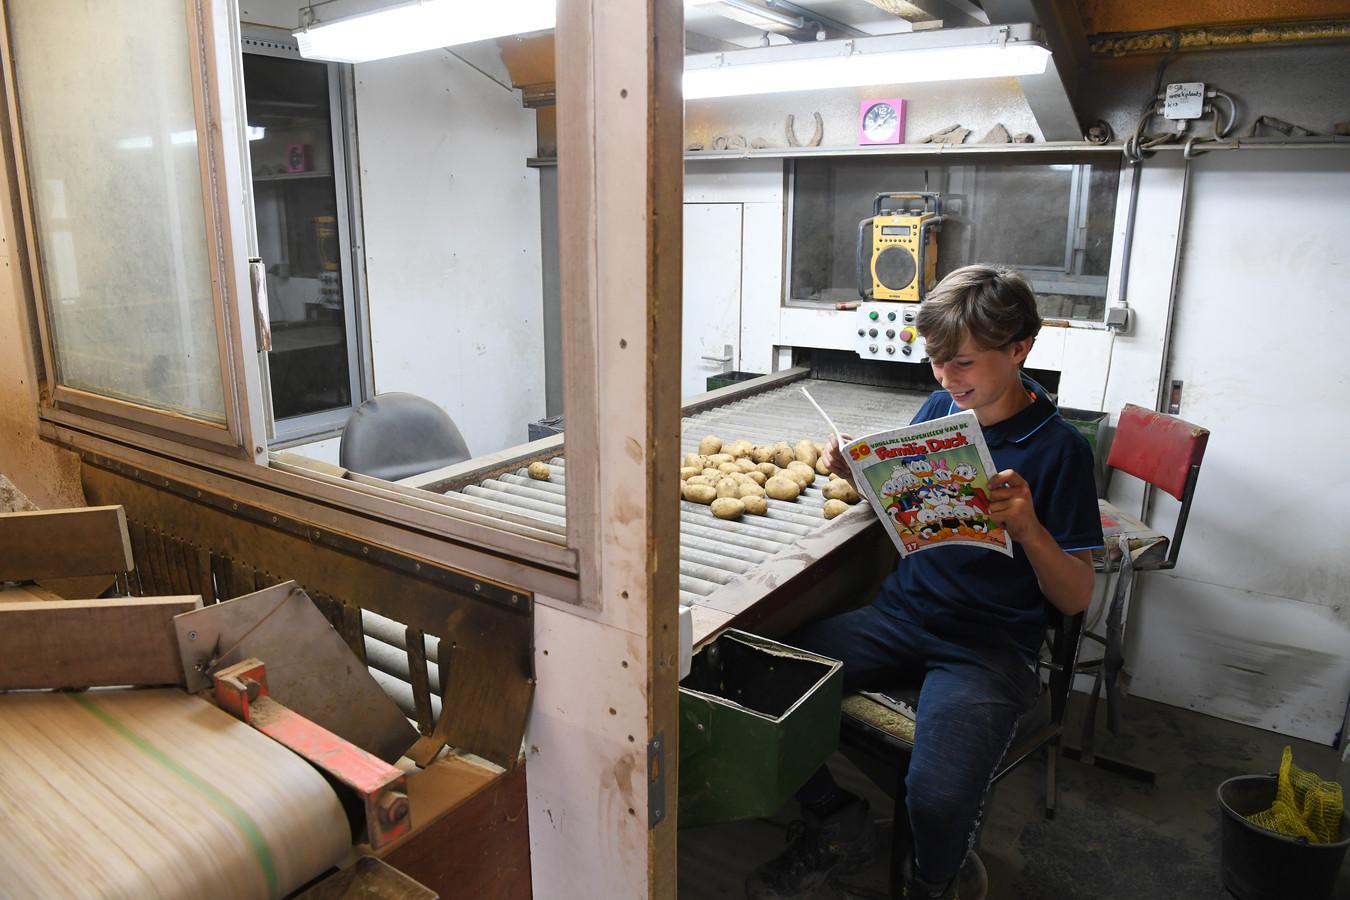 Thomas aan de leestafel, waar de aardappels worden gesorteerd